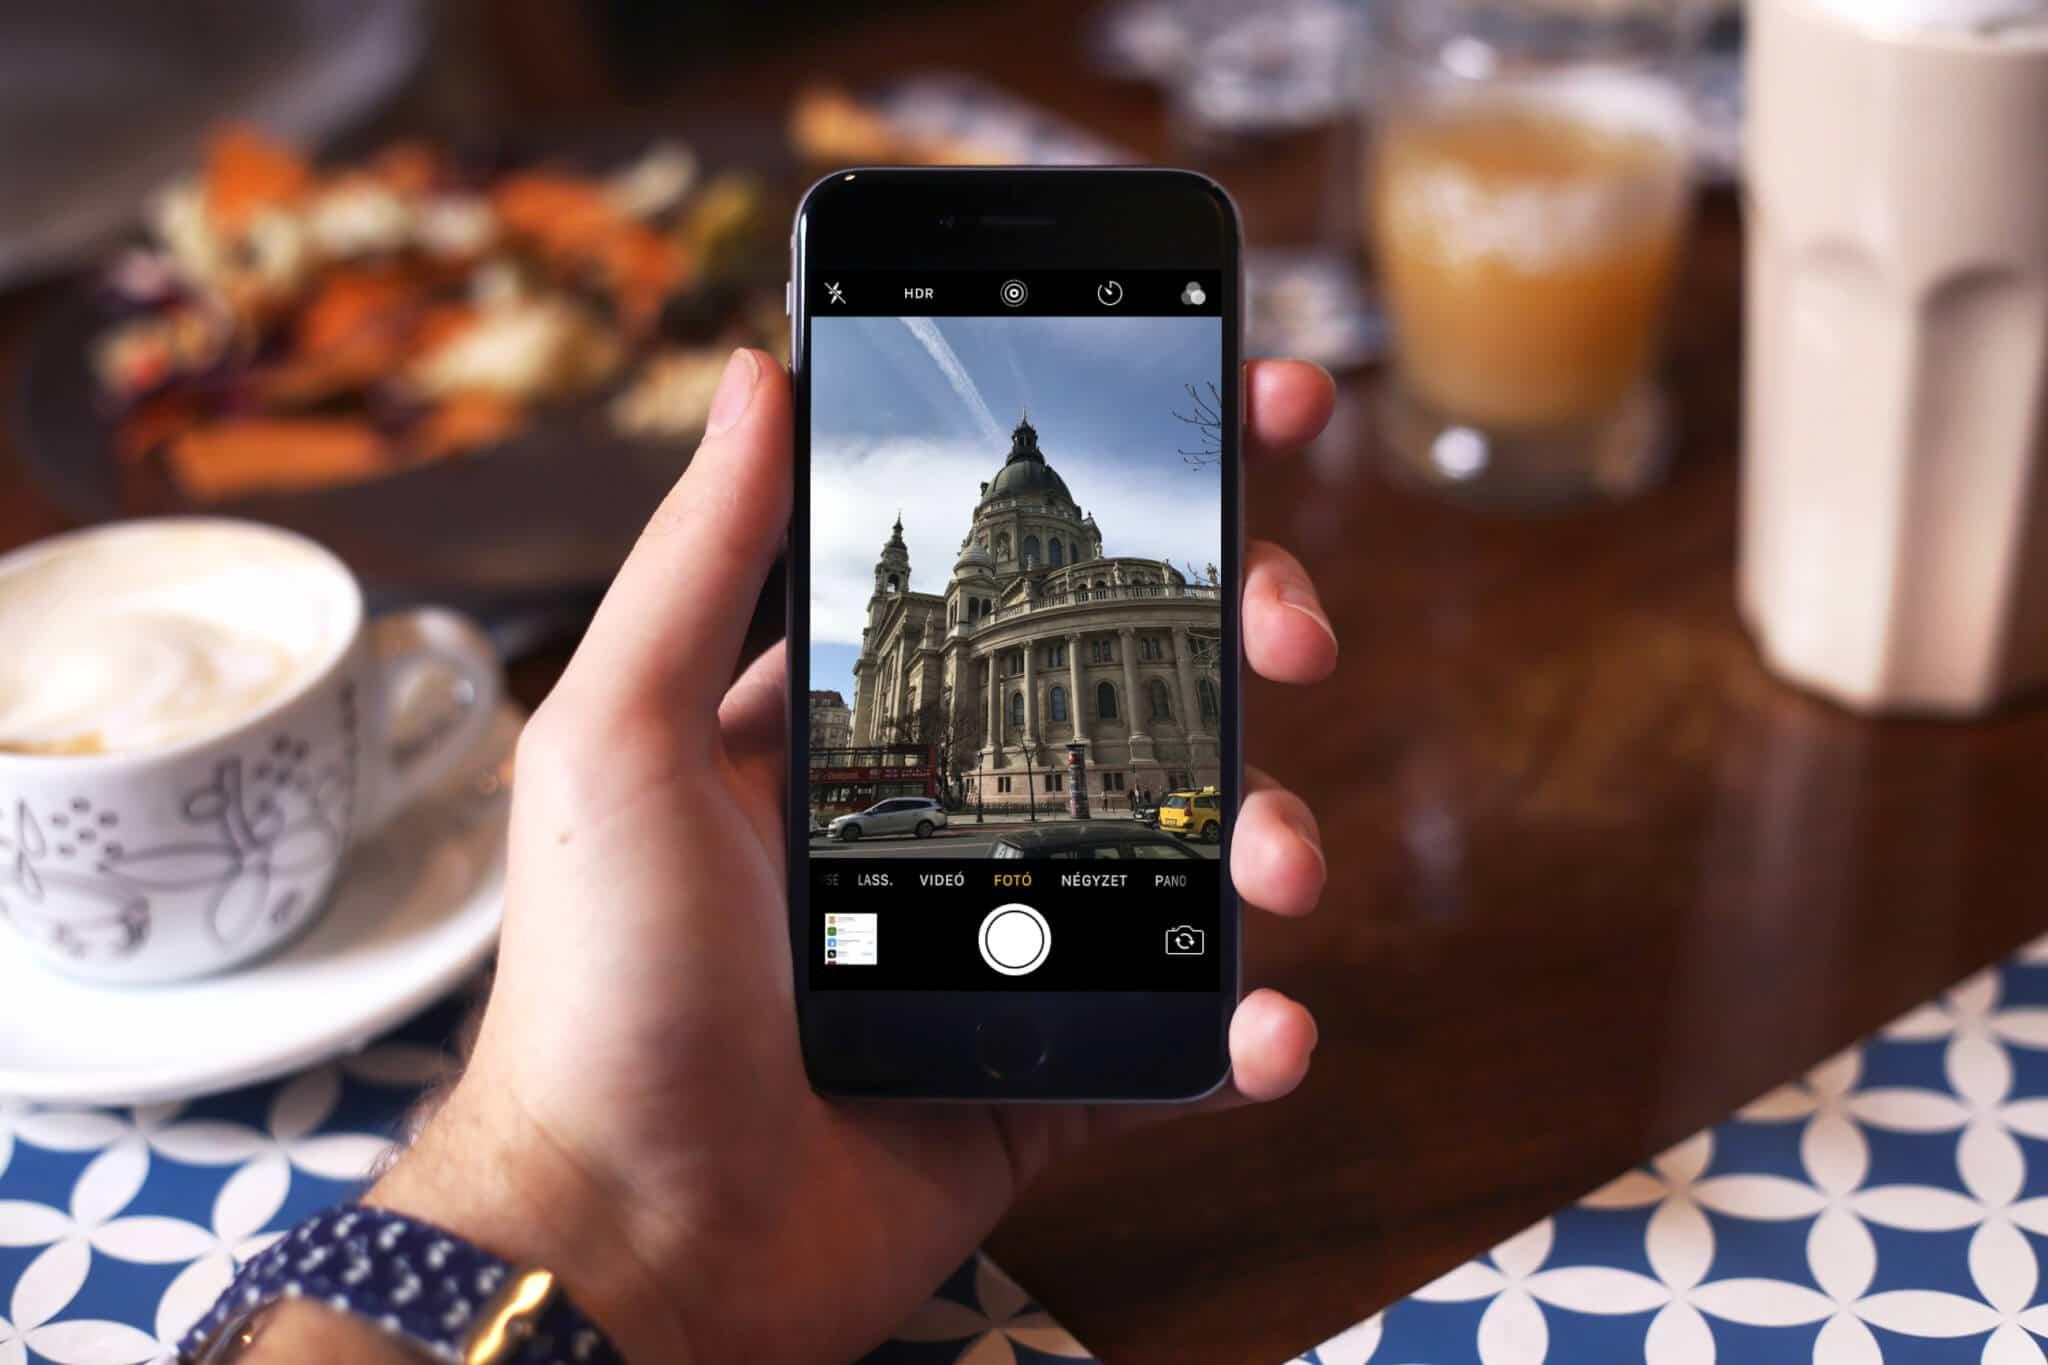 Tech: Ingyen letöltheti a legjobb Photoshop alkalmazást   abisa.hu